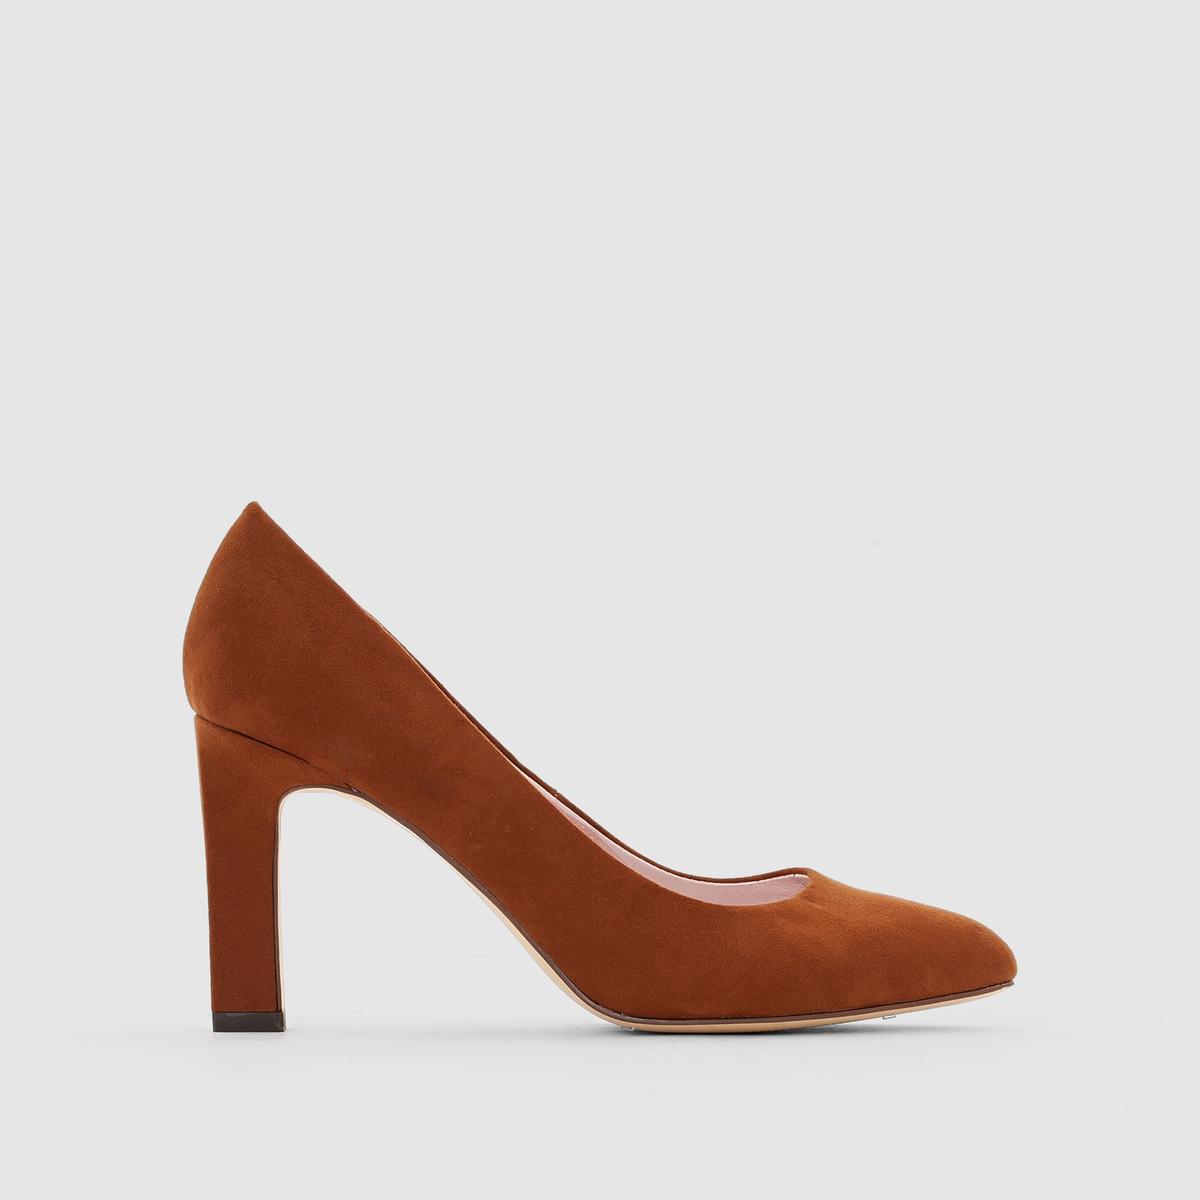 Туфли из искусственной замши на квадратном каблукеВерх : искусственная замша     Подкладка : кожа     Стелька : кожа     Подошва : эластомер     Высота каблука : 9 см     Форма каблука : квадратный  Мысок : заостренный     Преимущества : классические туфли, изящные и очень женственные.               Эта модель маломерит. Мы рекомендуем Вам заказывать модель на один размер больше Вашего обычного размера.<br><br>Цвет: серый,темно-бежевый<br>Размер: 39.36.37.39